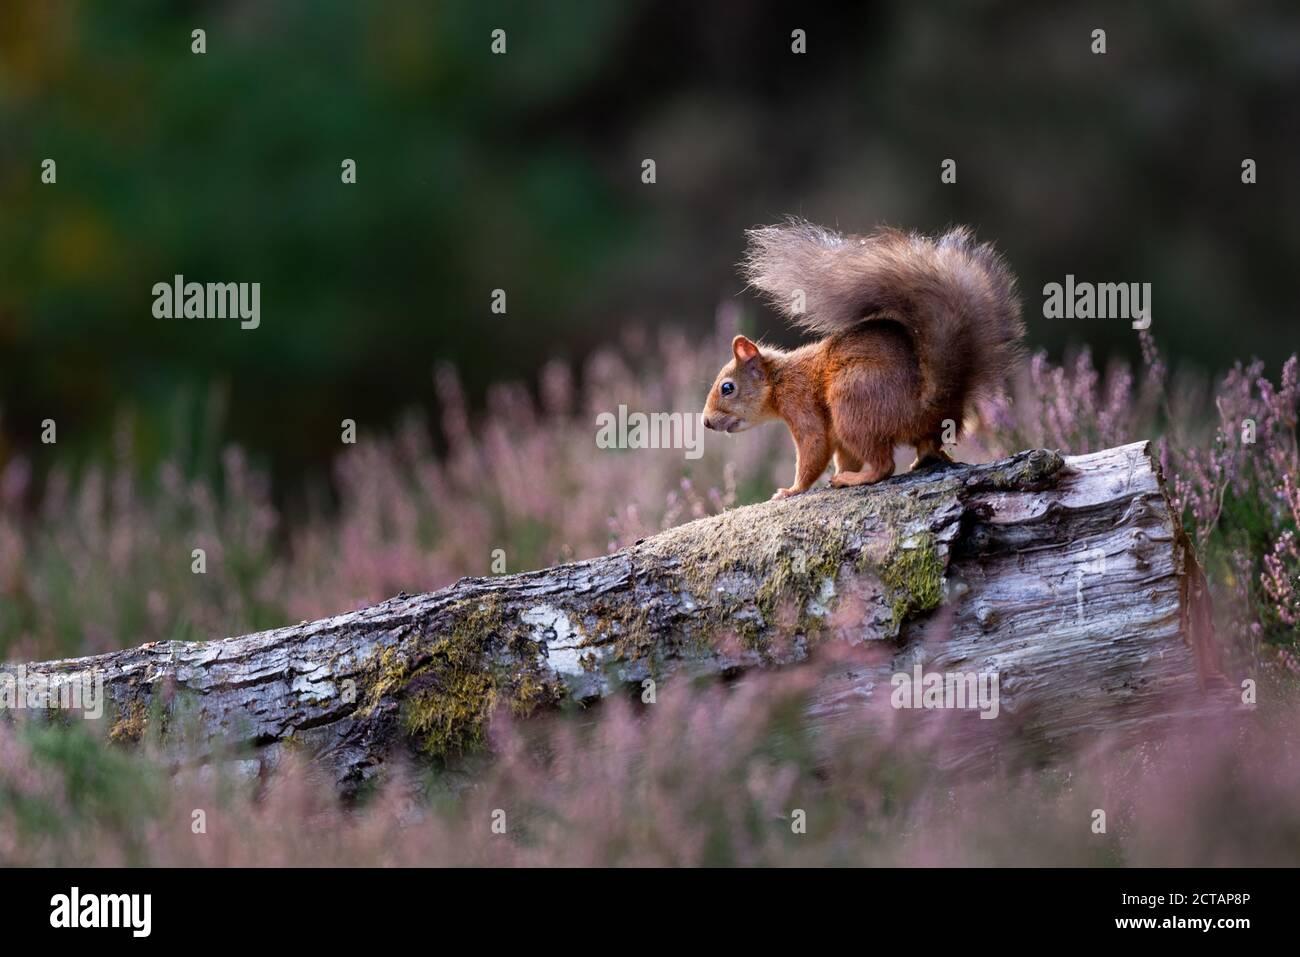 Écureuil roux (Sciurus vulgaris) en bruyère Banque D'Images